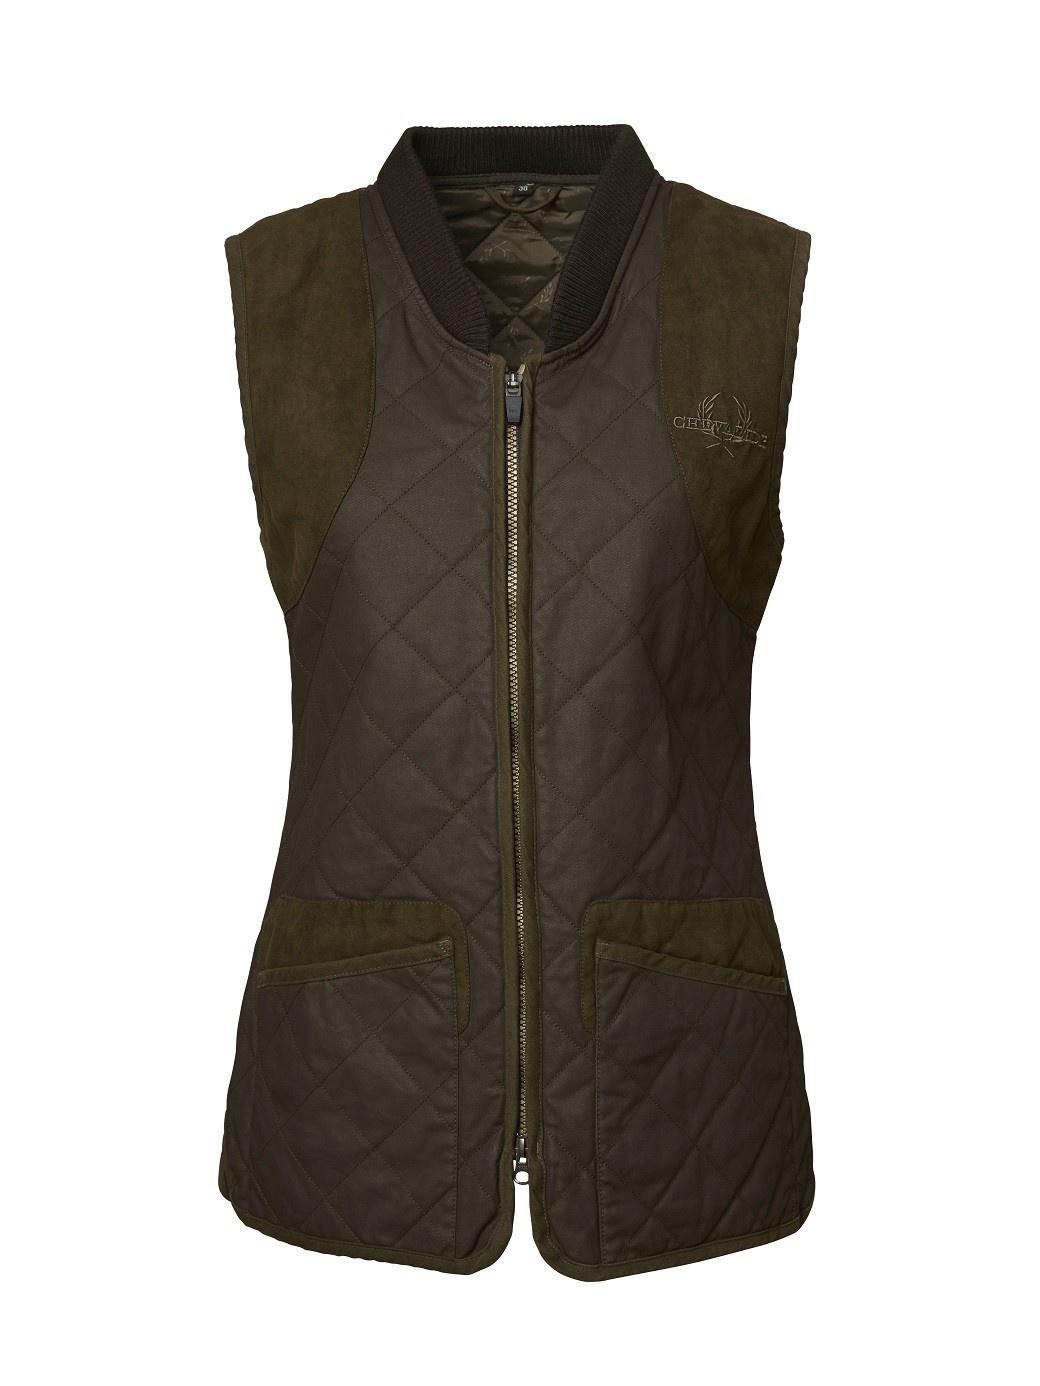 Chevalier Vintage Quilt Vest Women Brown-1